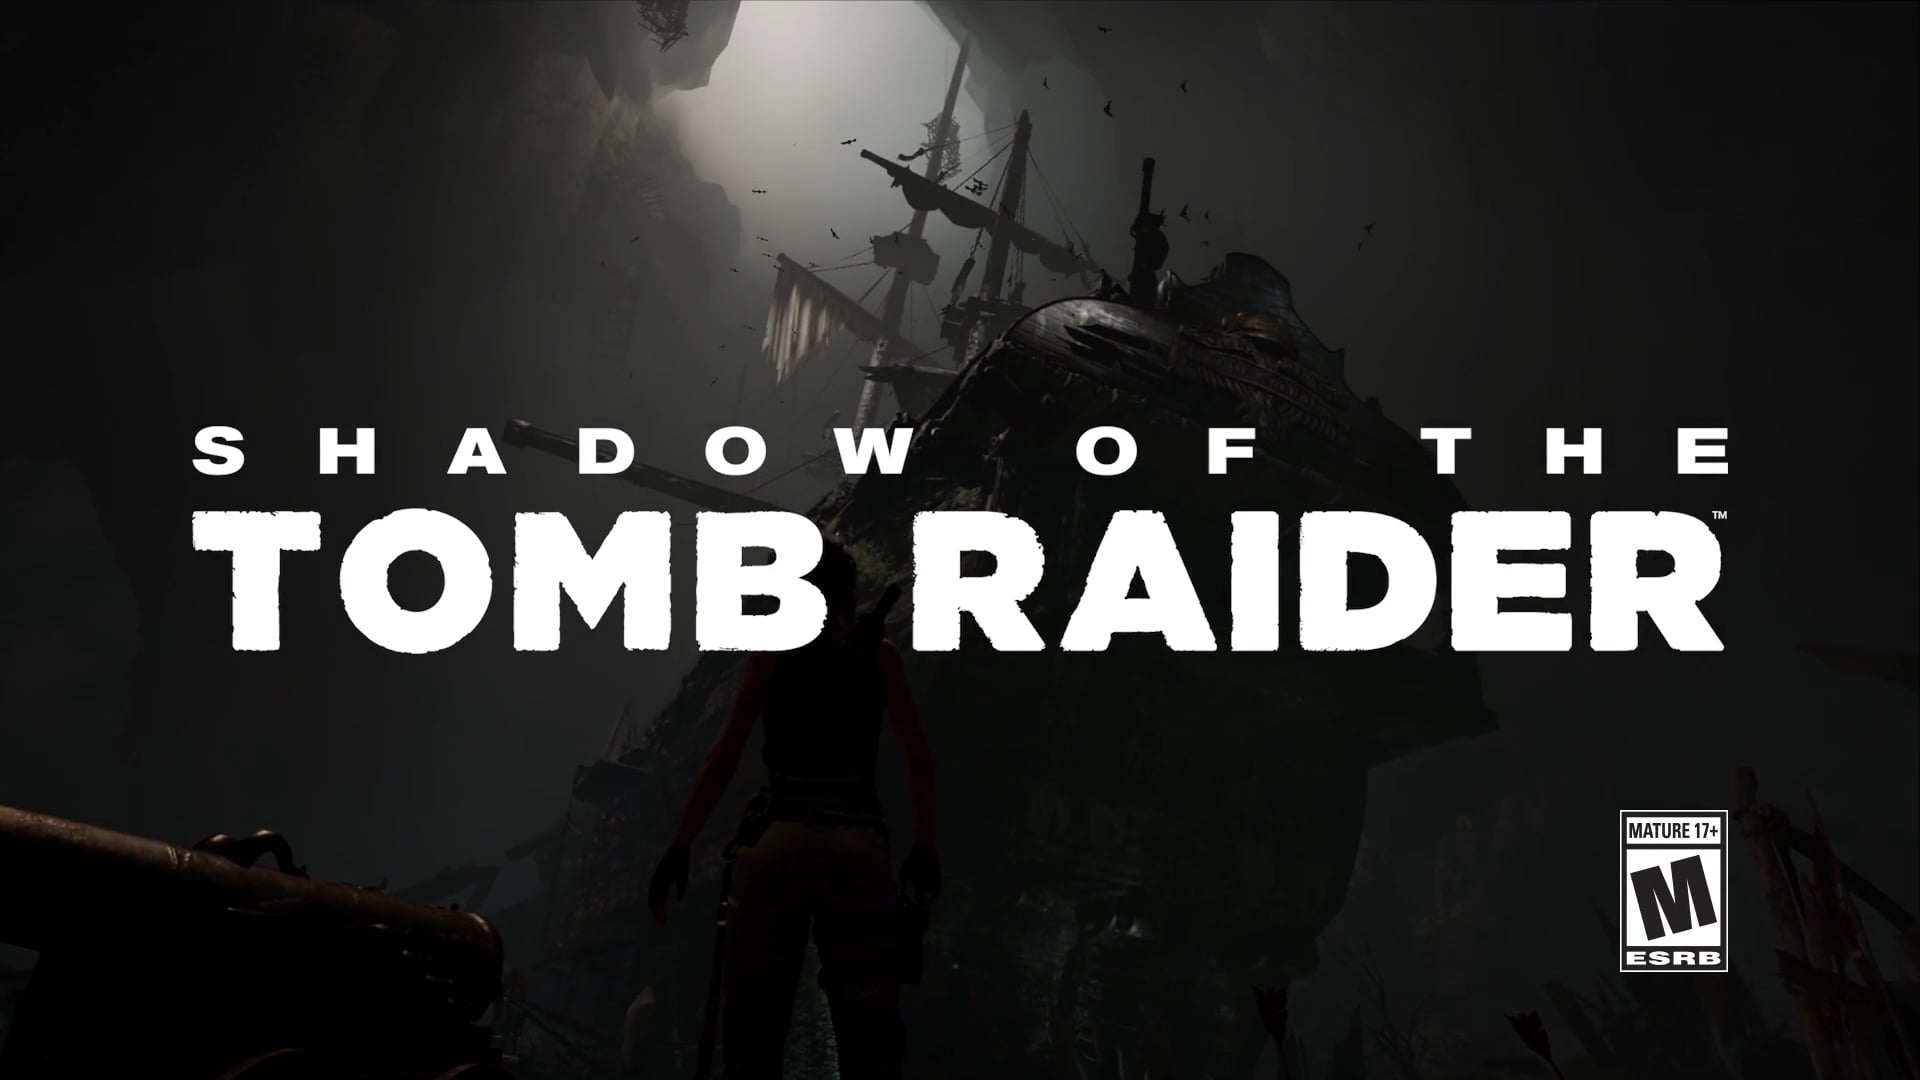 Tomb Raider Gameplay Trailer